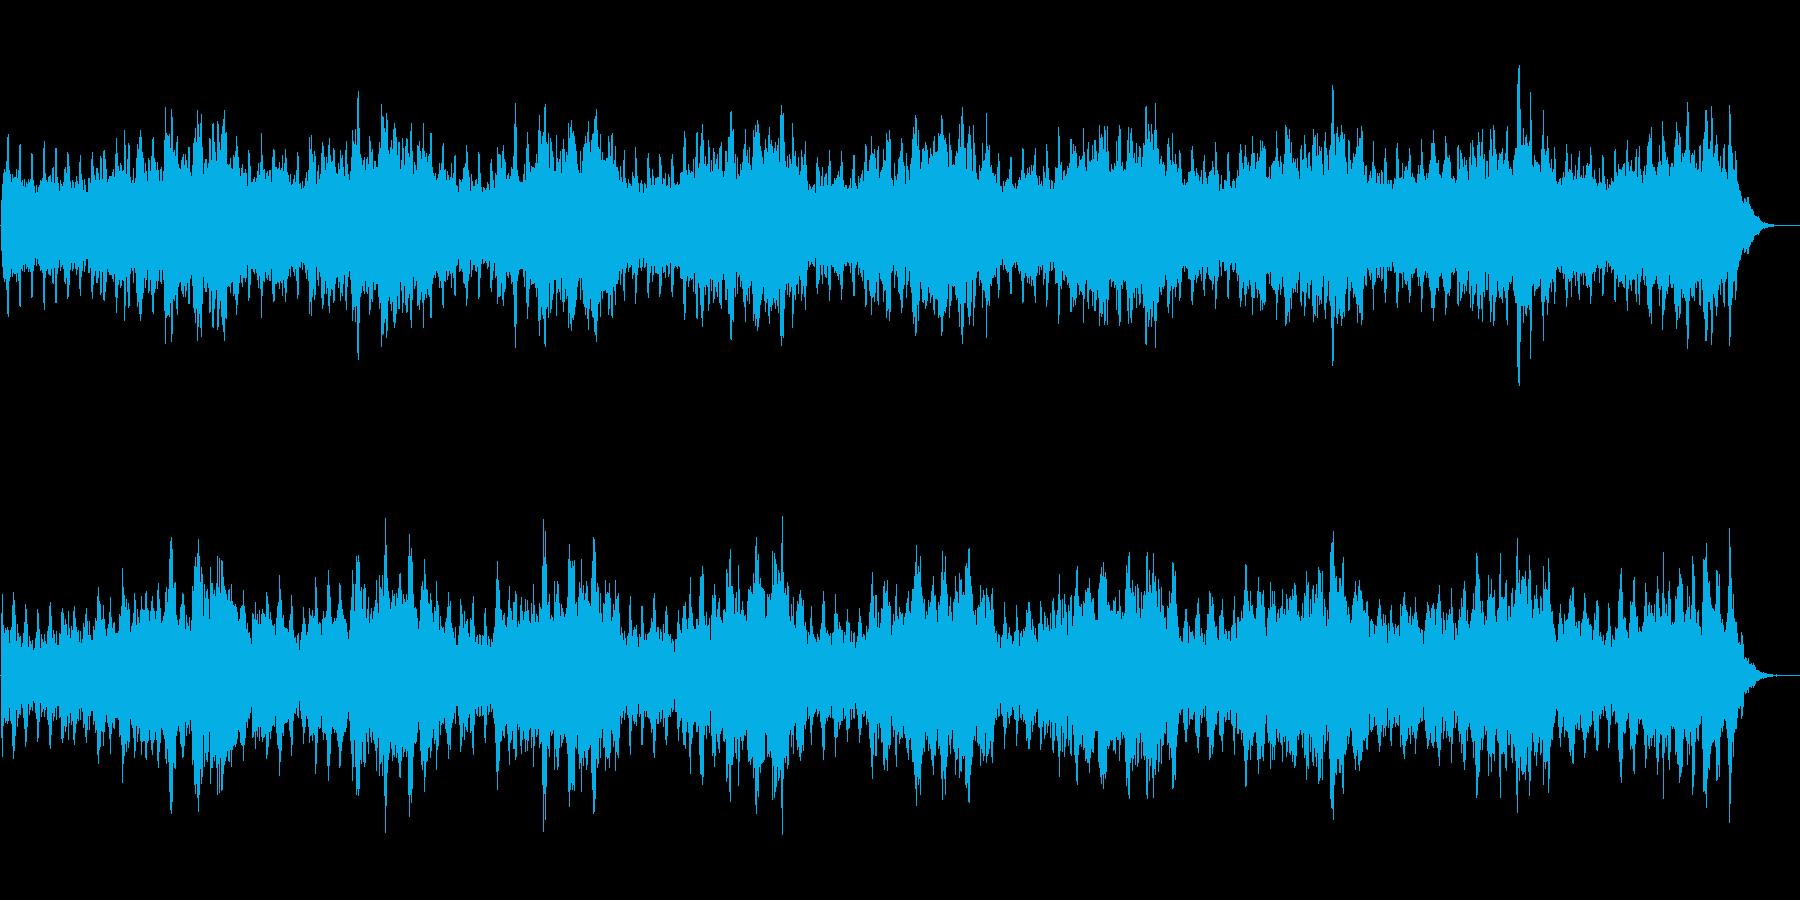 シンセを使ったホラー系BGM(5分+α)の再生済みの波形